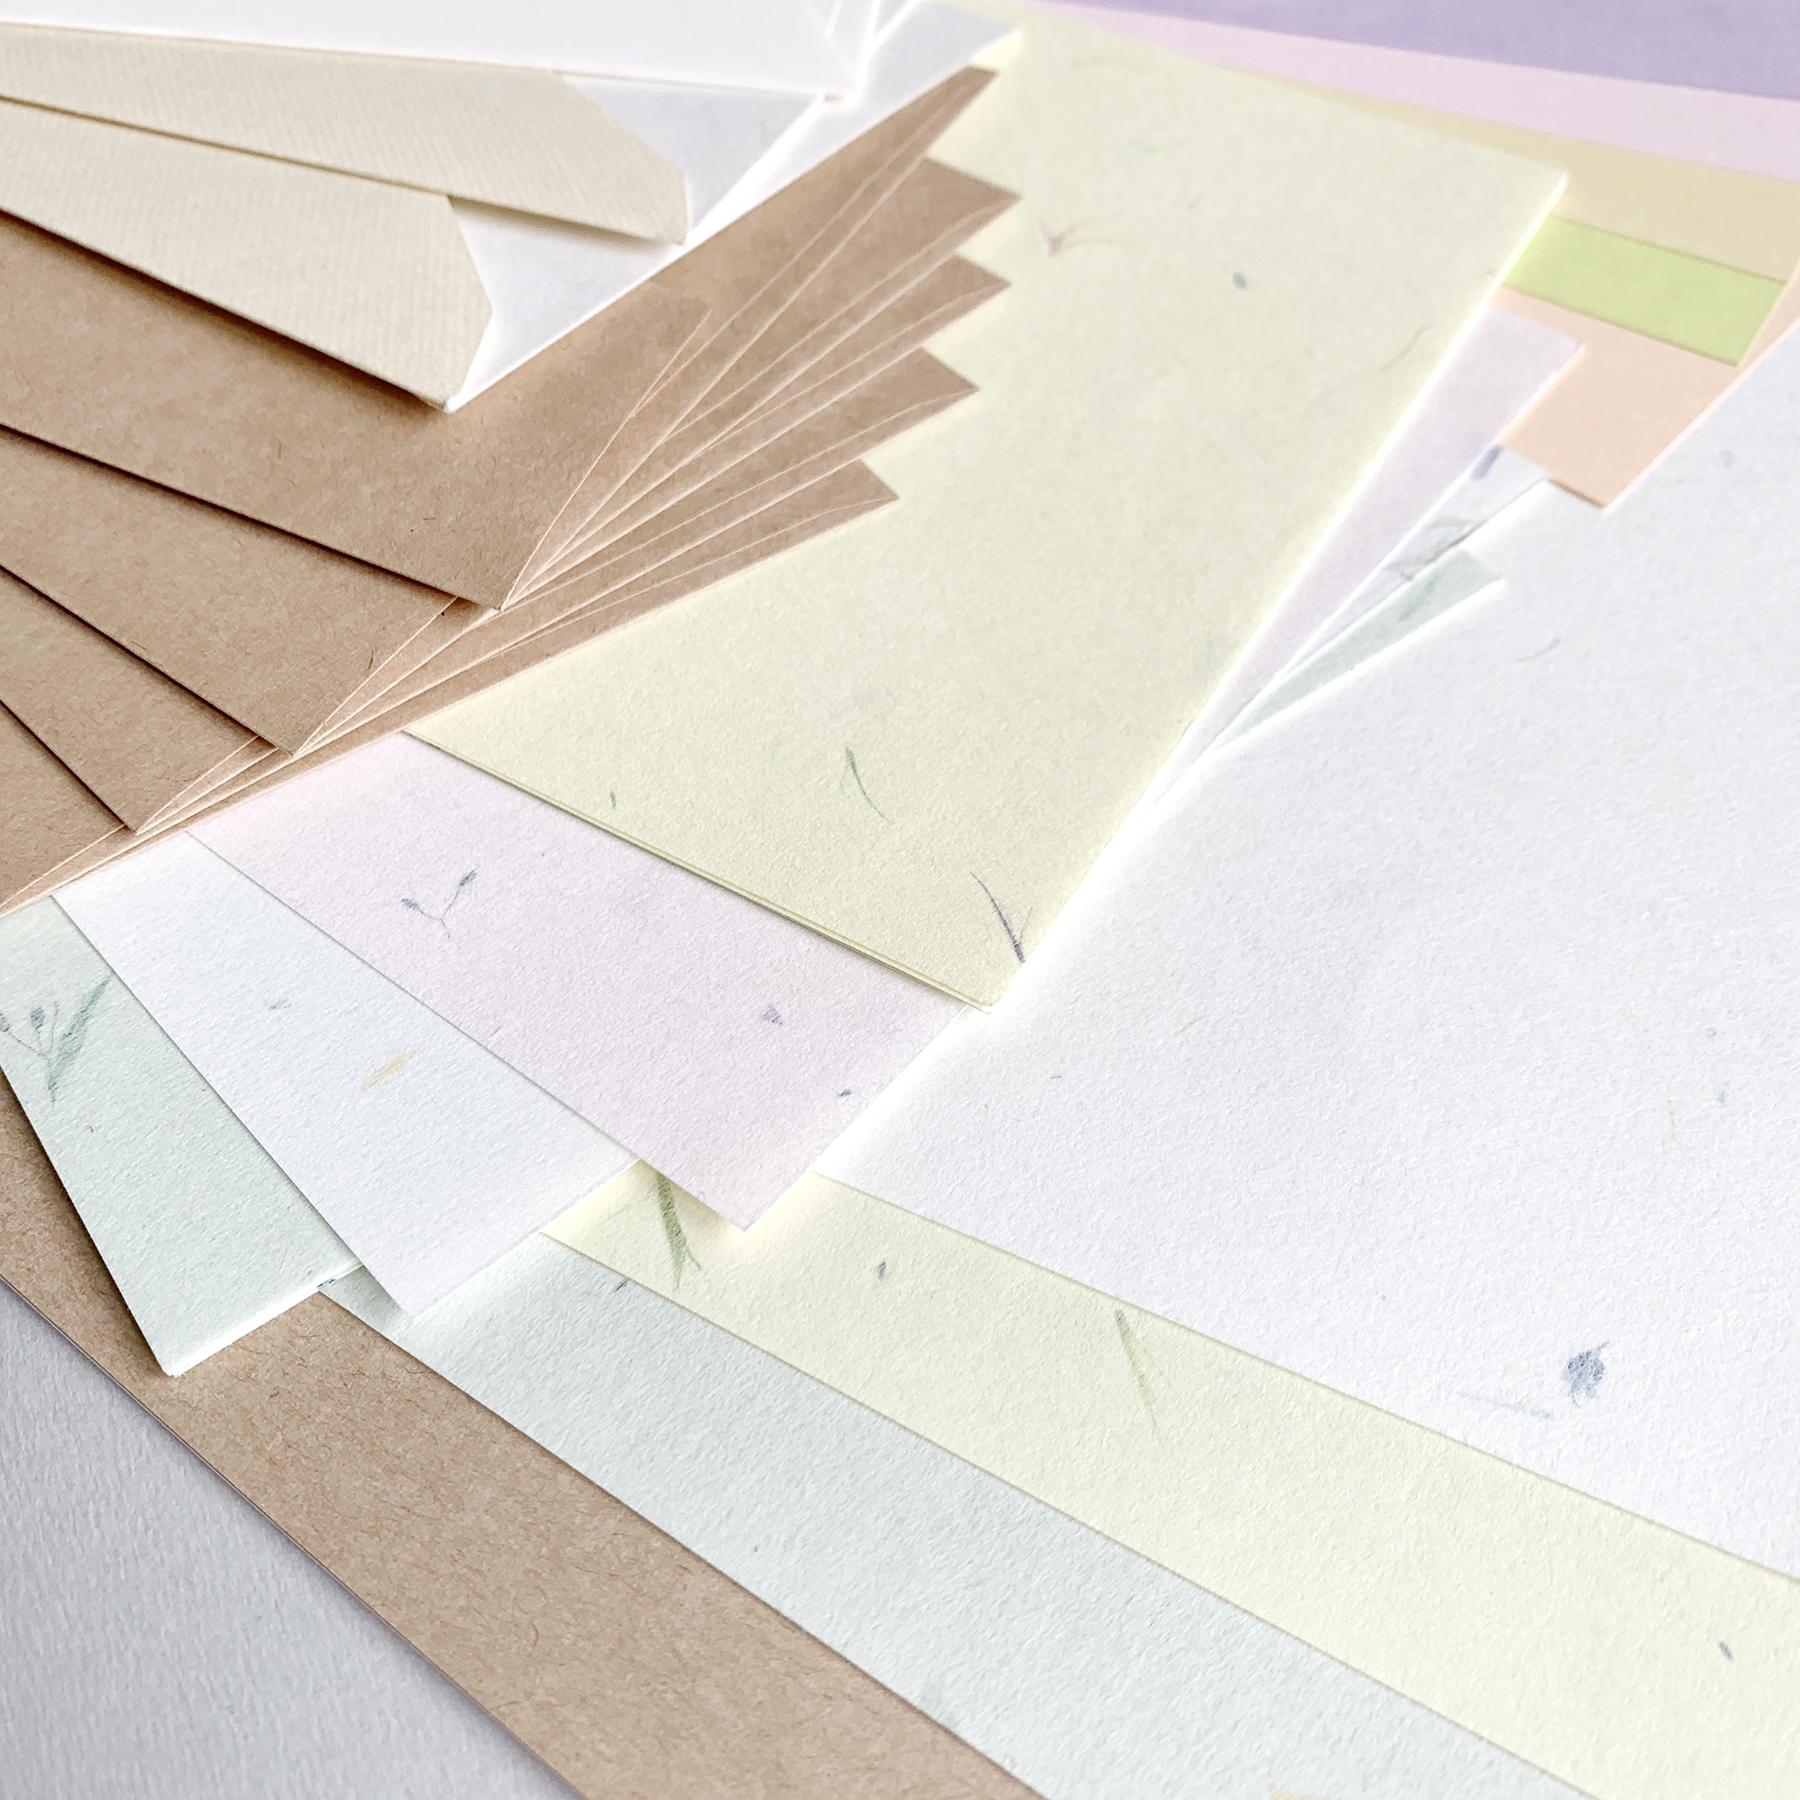 可愛くて、素敵な紙、いろいろ詰め込みました。 Papier Assort~パピエ・アソート~